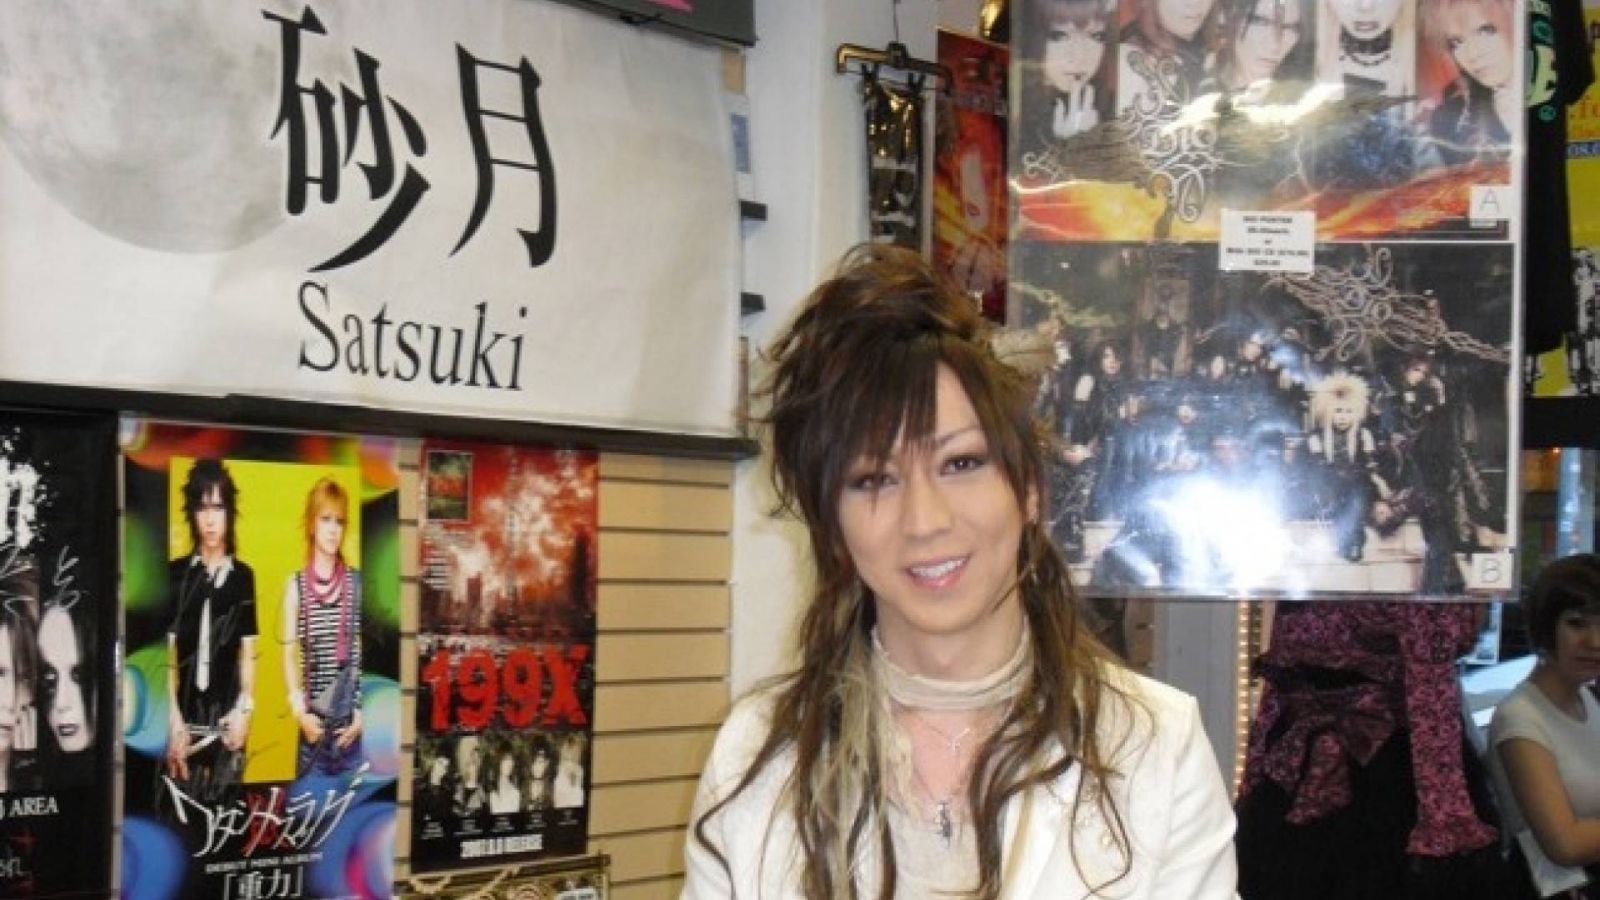 Breve entrevista con Satsuki en Anime Expo © Satsuki - JaME